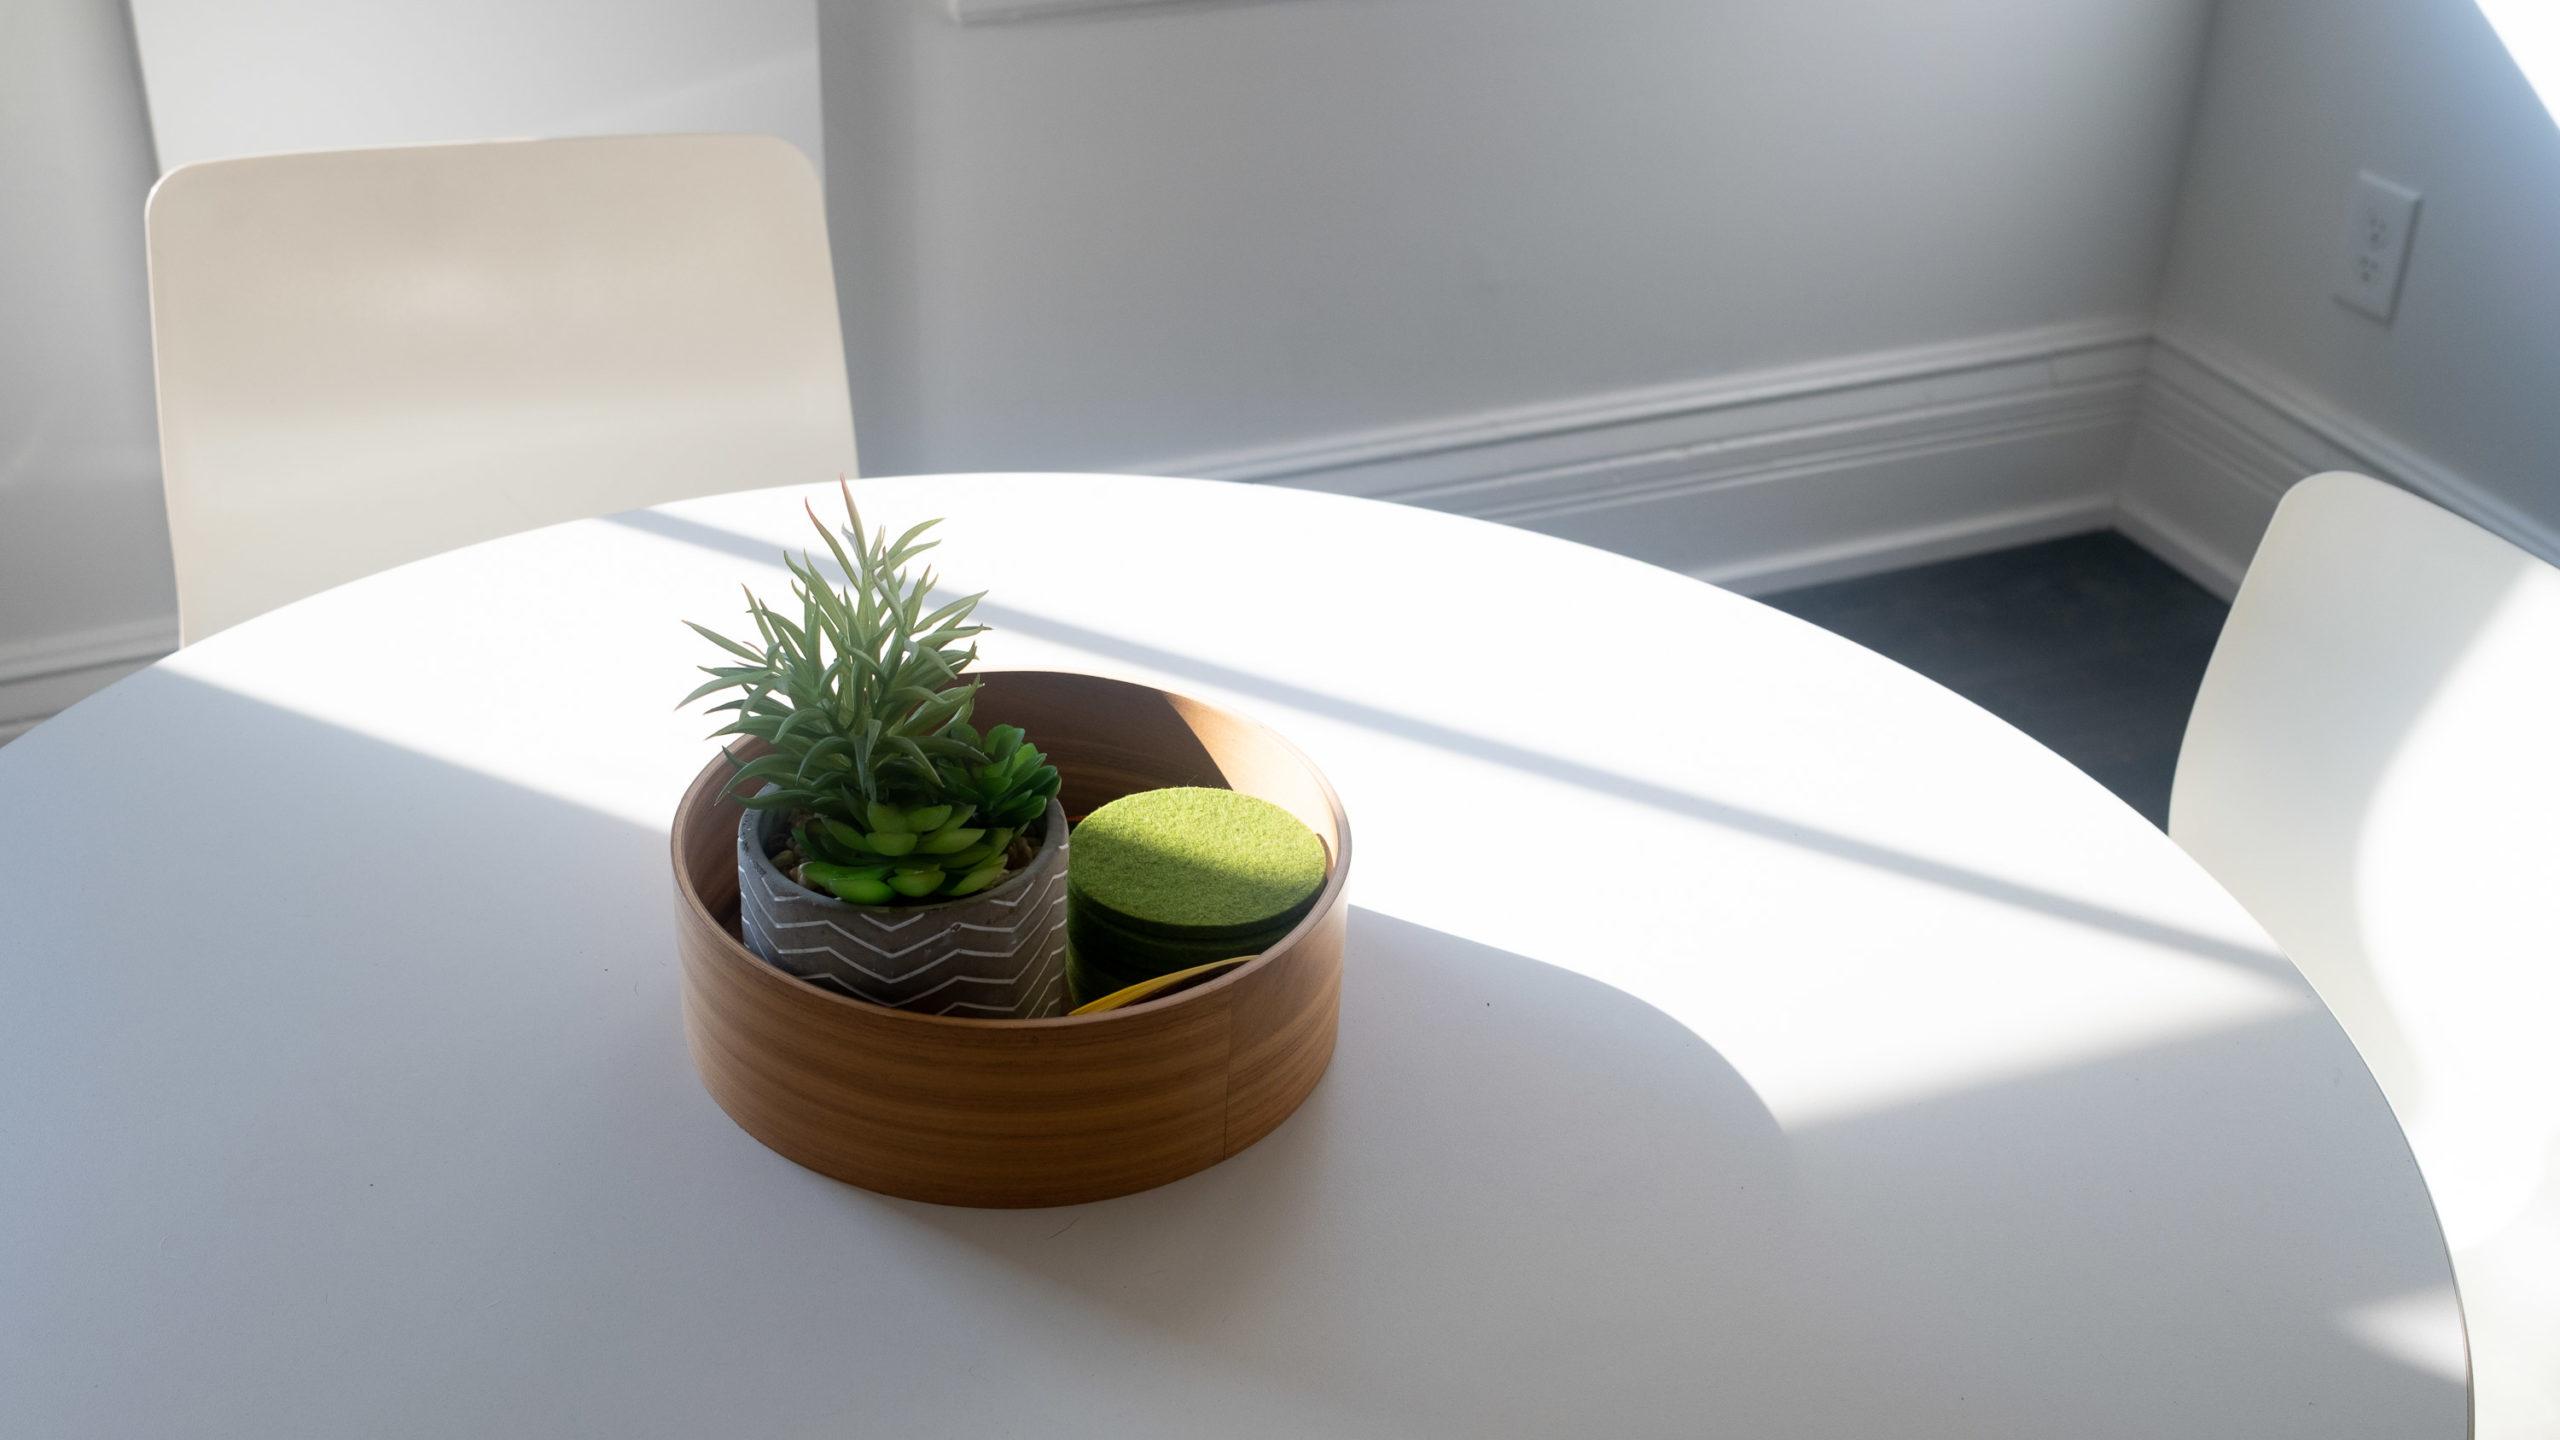 Sunlight across a table